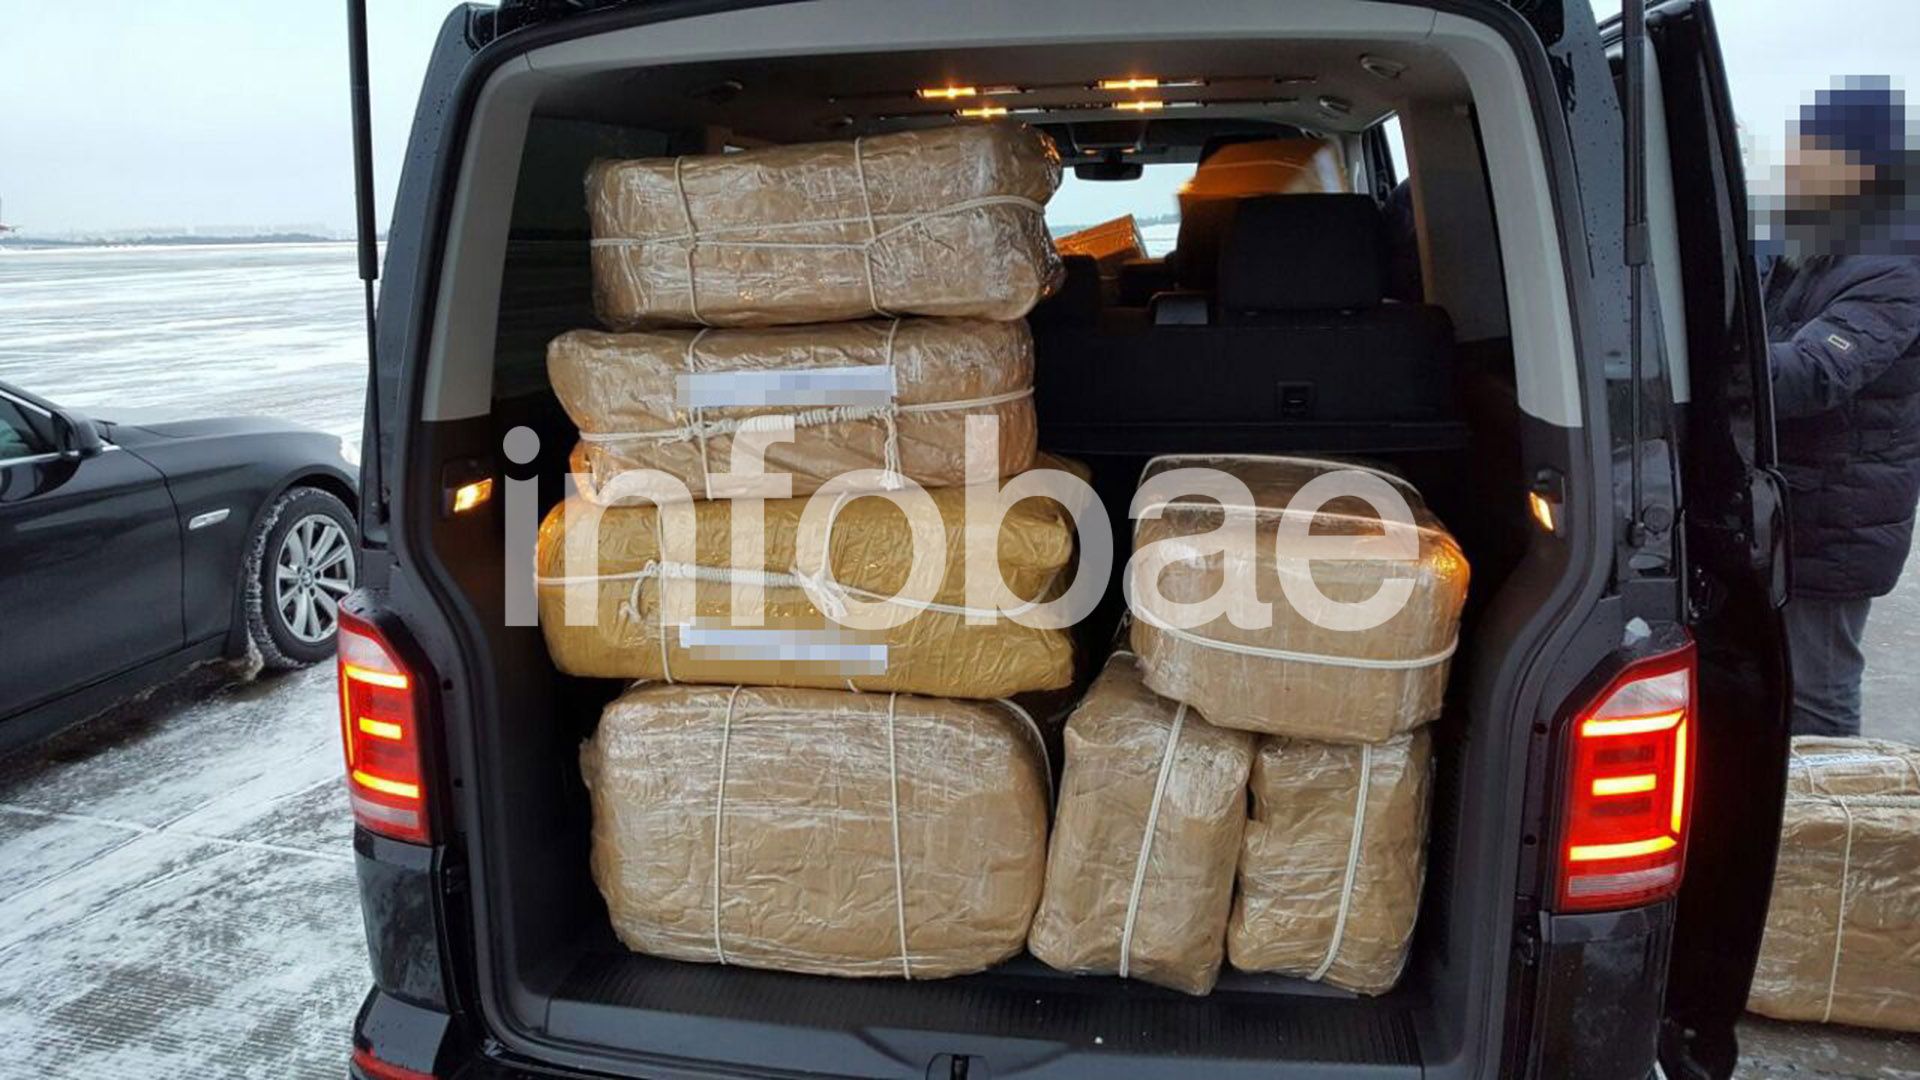 Unas de las valijas donde estaba alojada la droga.